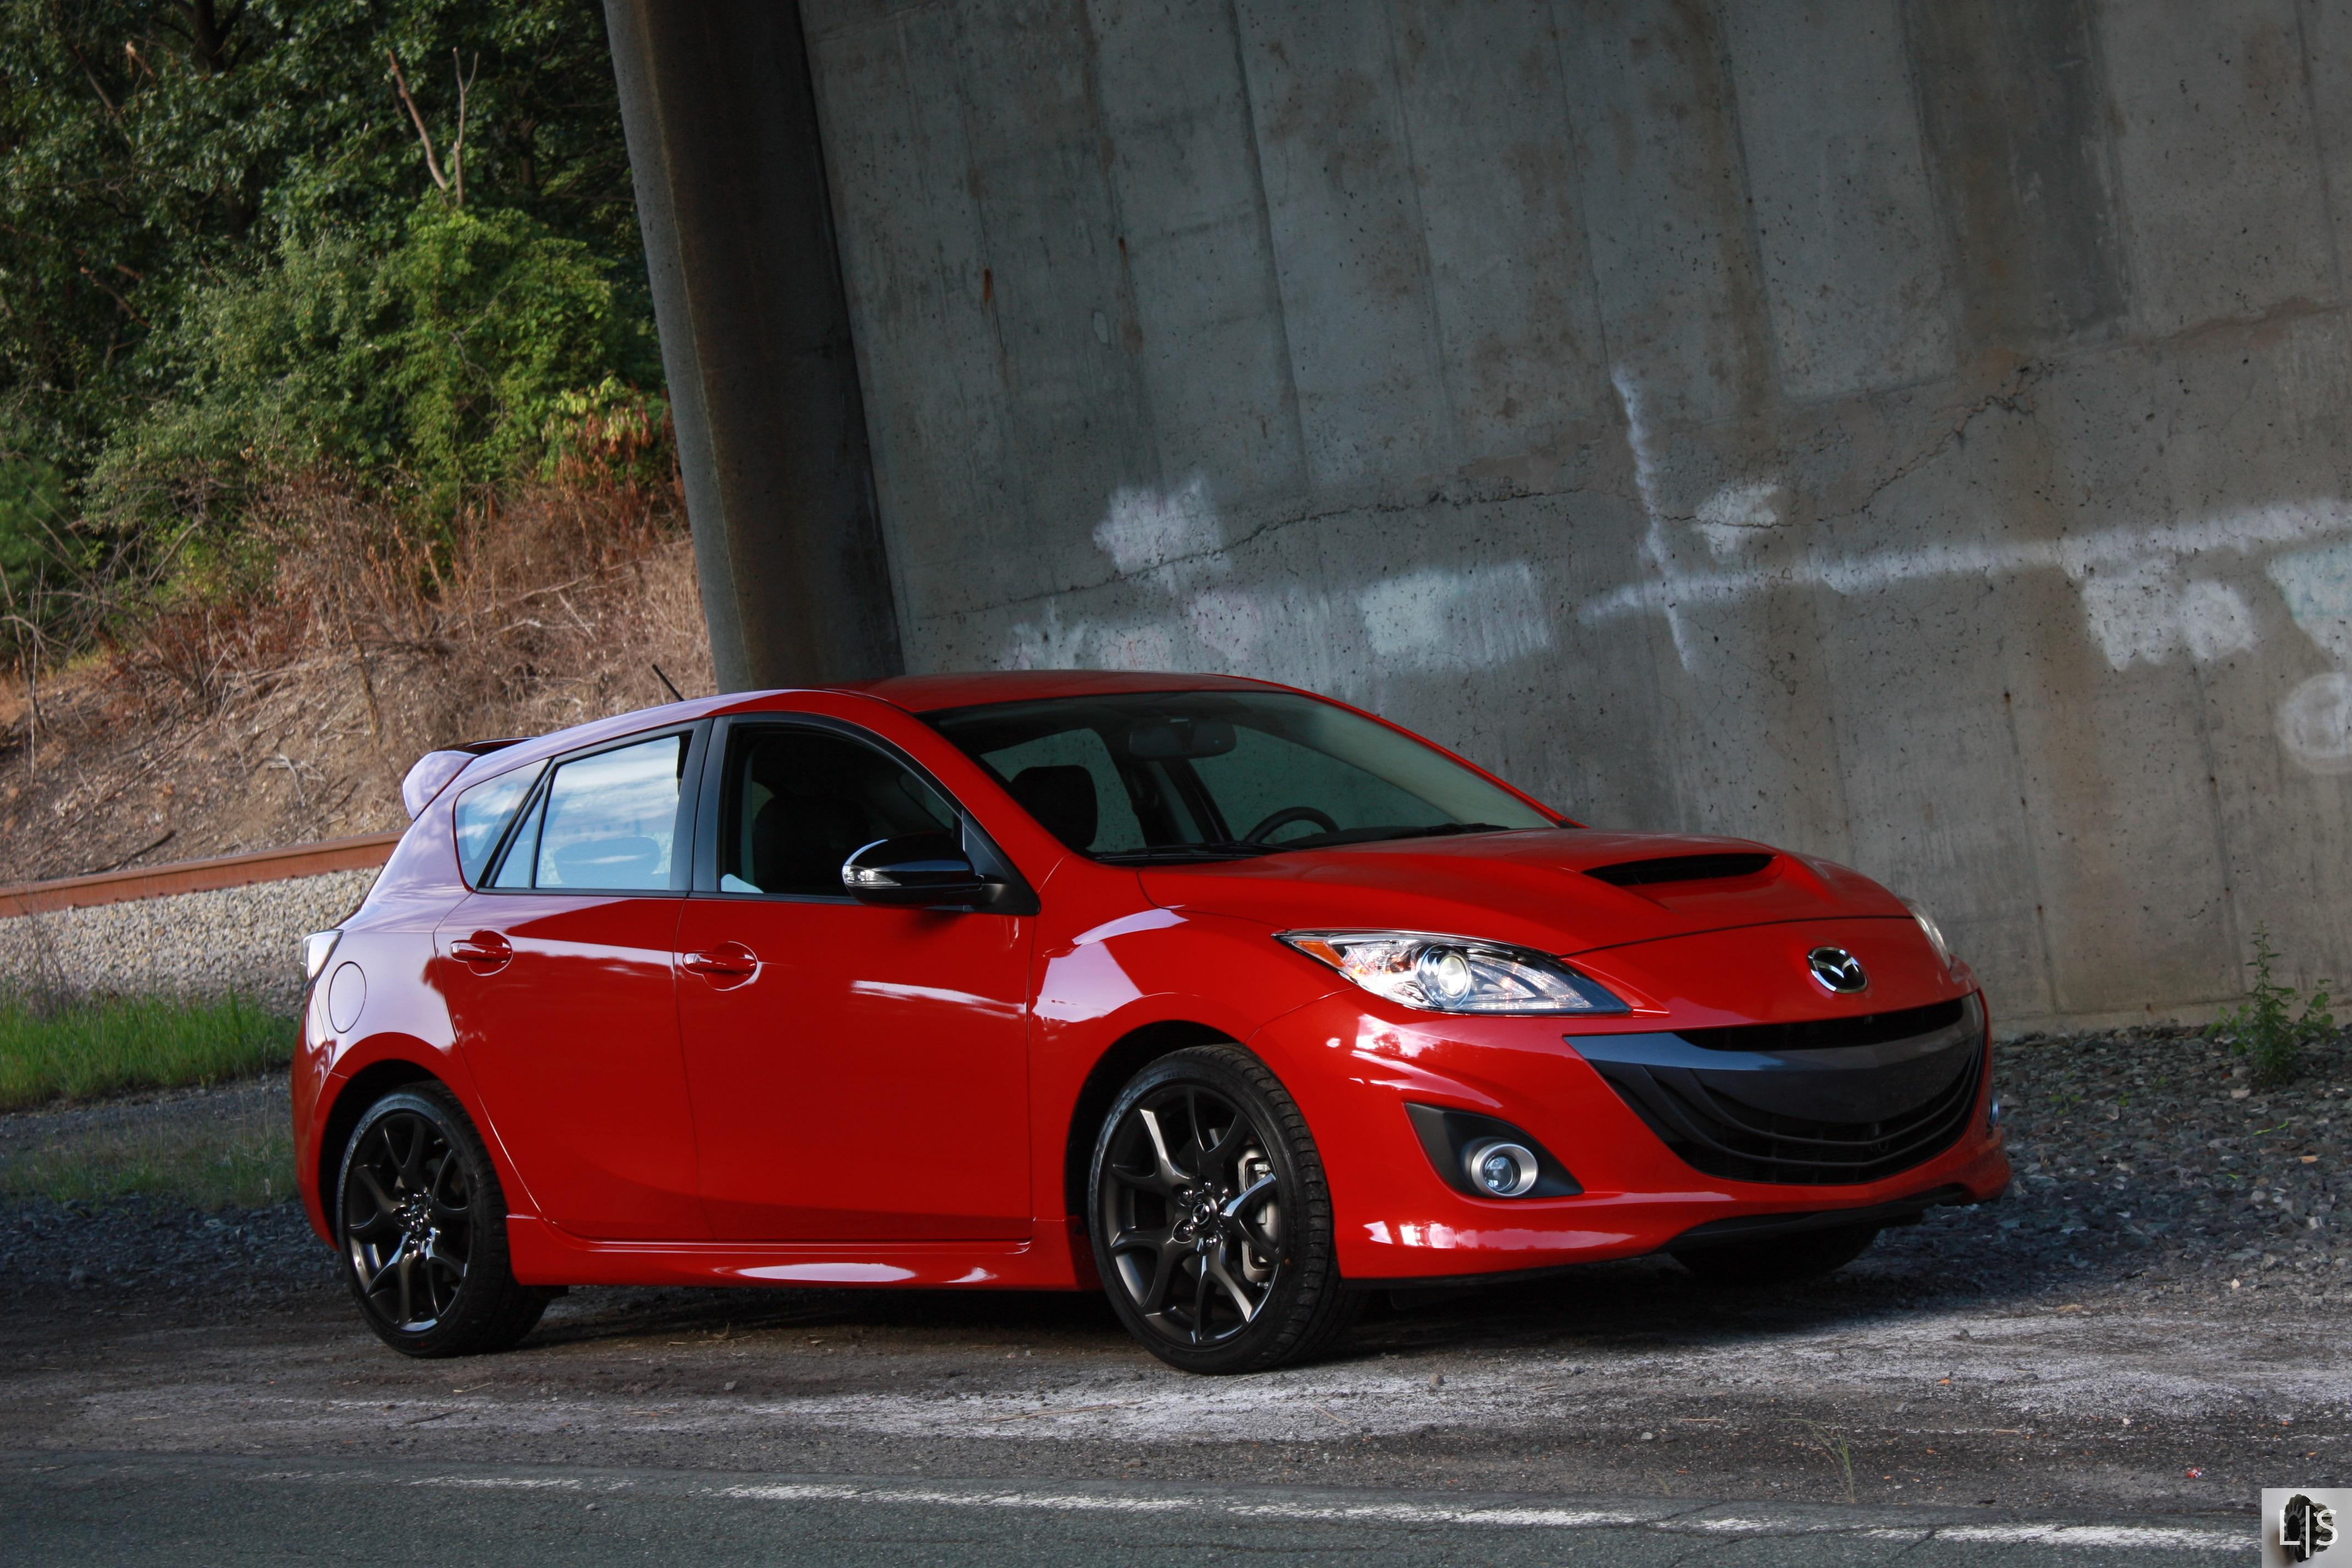 Wheels Mazda 3 U003eu003e 3 Turned Up To 11: 2013 Mazdaspeed 3 U2013 Limited